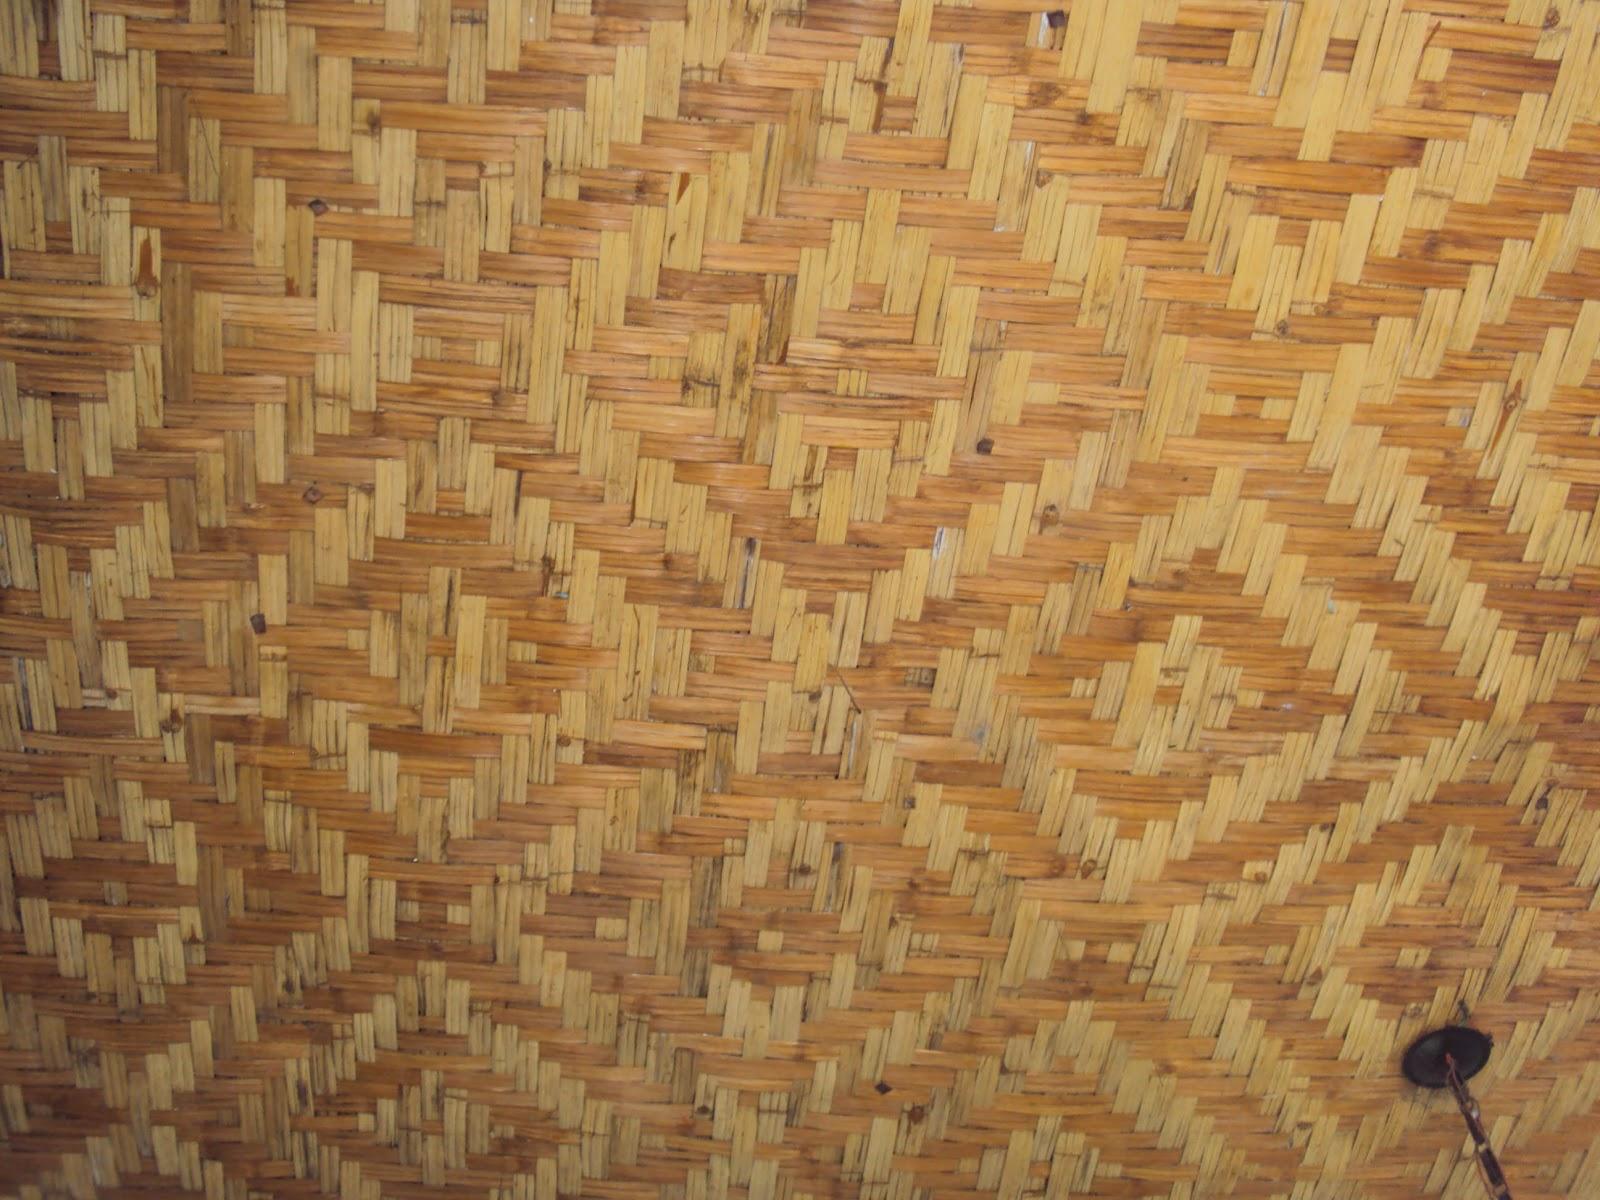 Fabuloso Alforria Artefatos em Bambu: Esteiras e treliças em bambu AD02